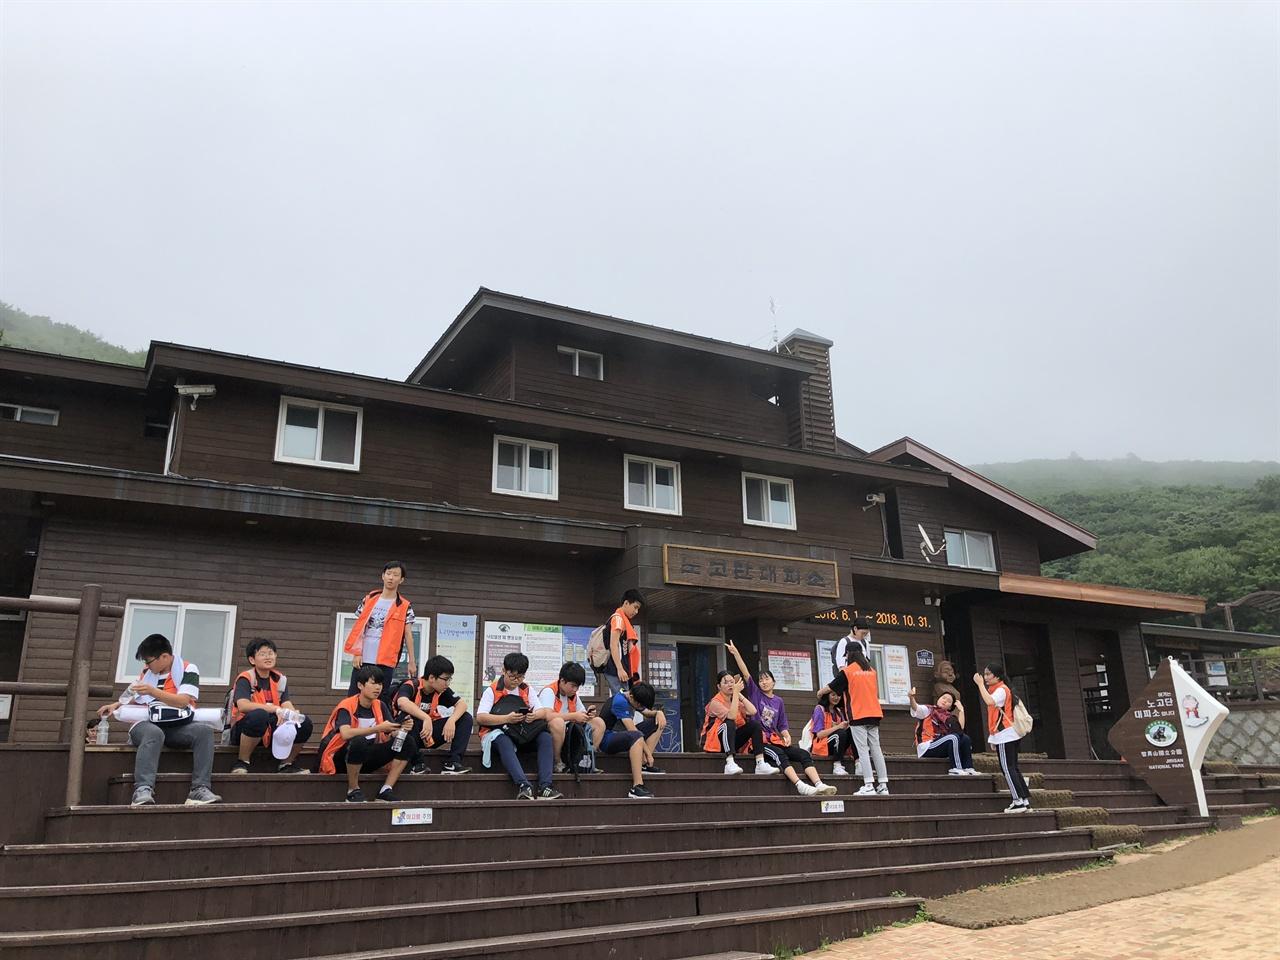 노고단대피소 구례 산동중학교 학생들이 노고단 정상을 가기 전에 잠시 쉬어간다.